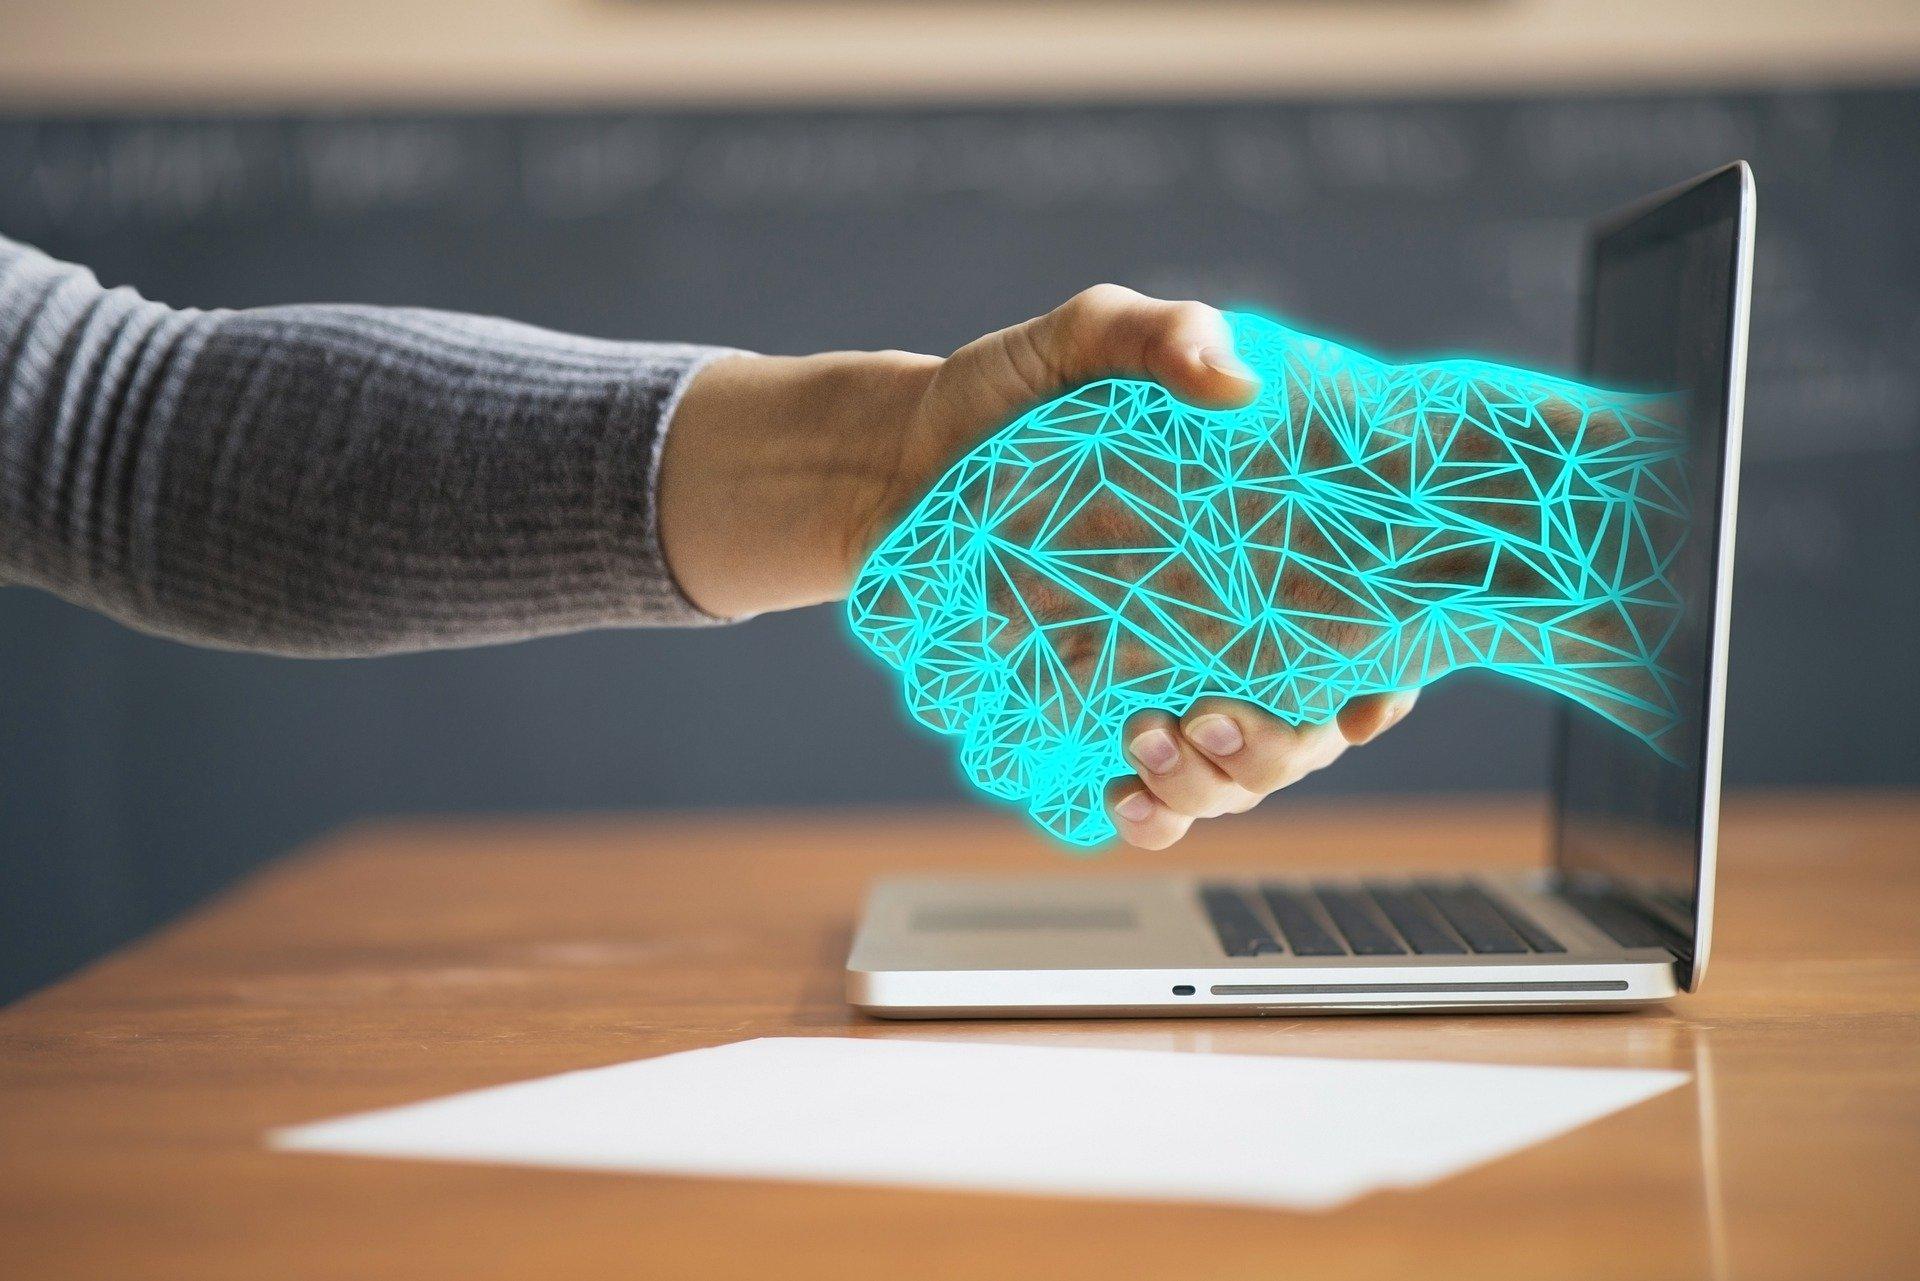 Künstliche Intelligenz / Pixabay - Kollege Computer übernimmt